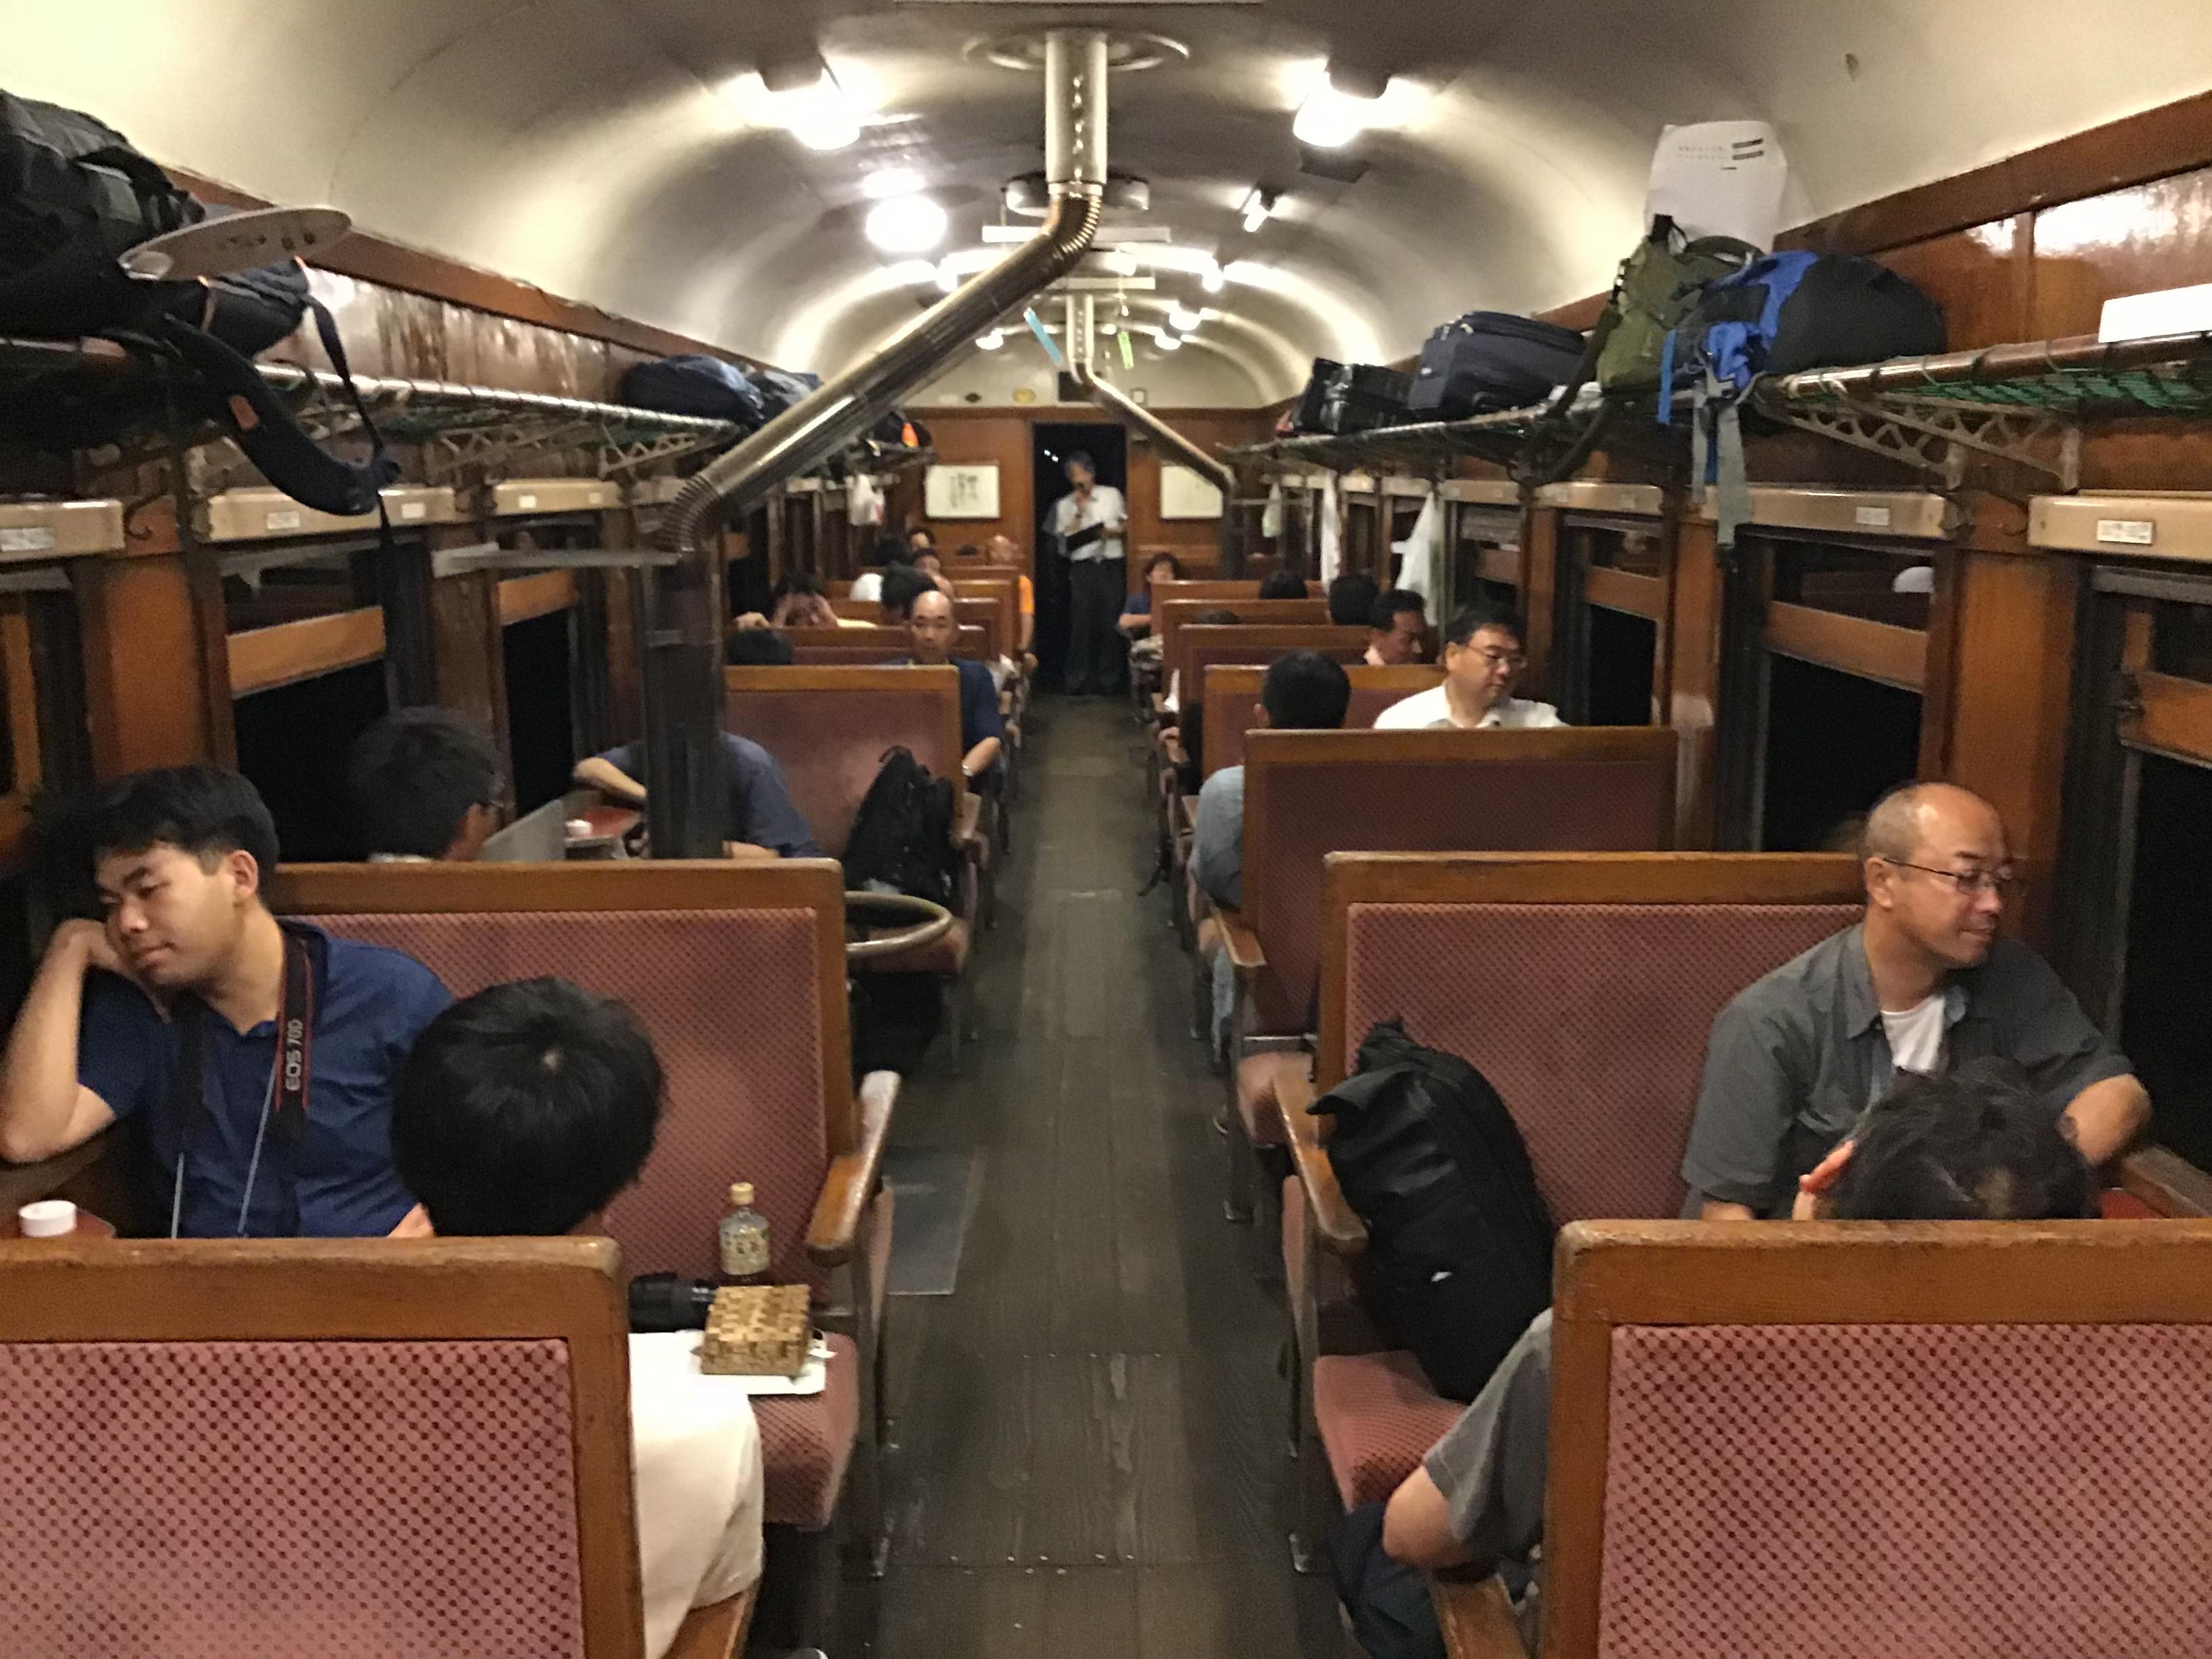 津軽鉄道 冬の夜汽車体験の旅